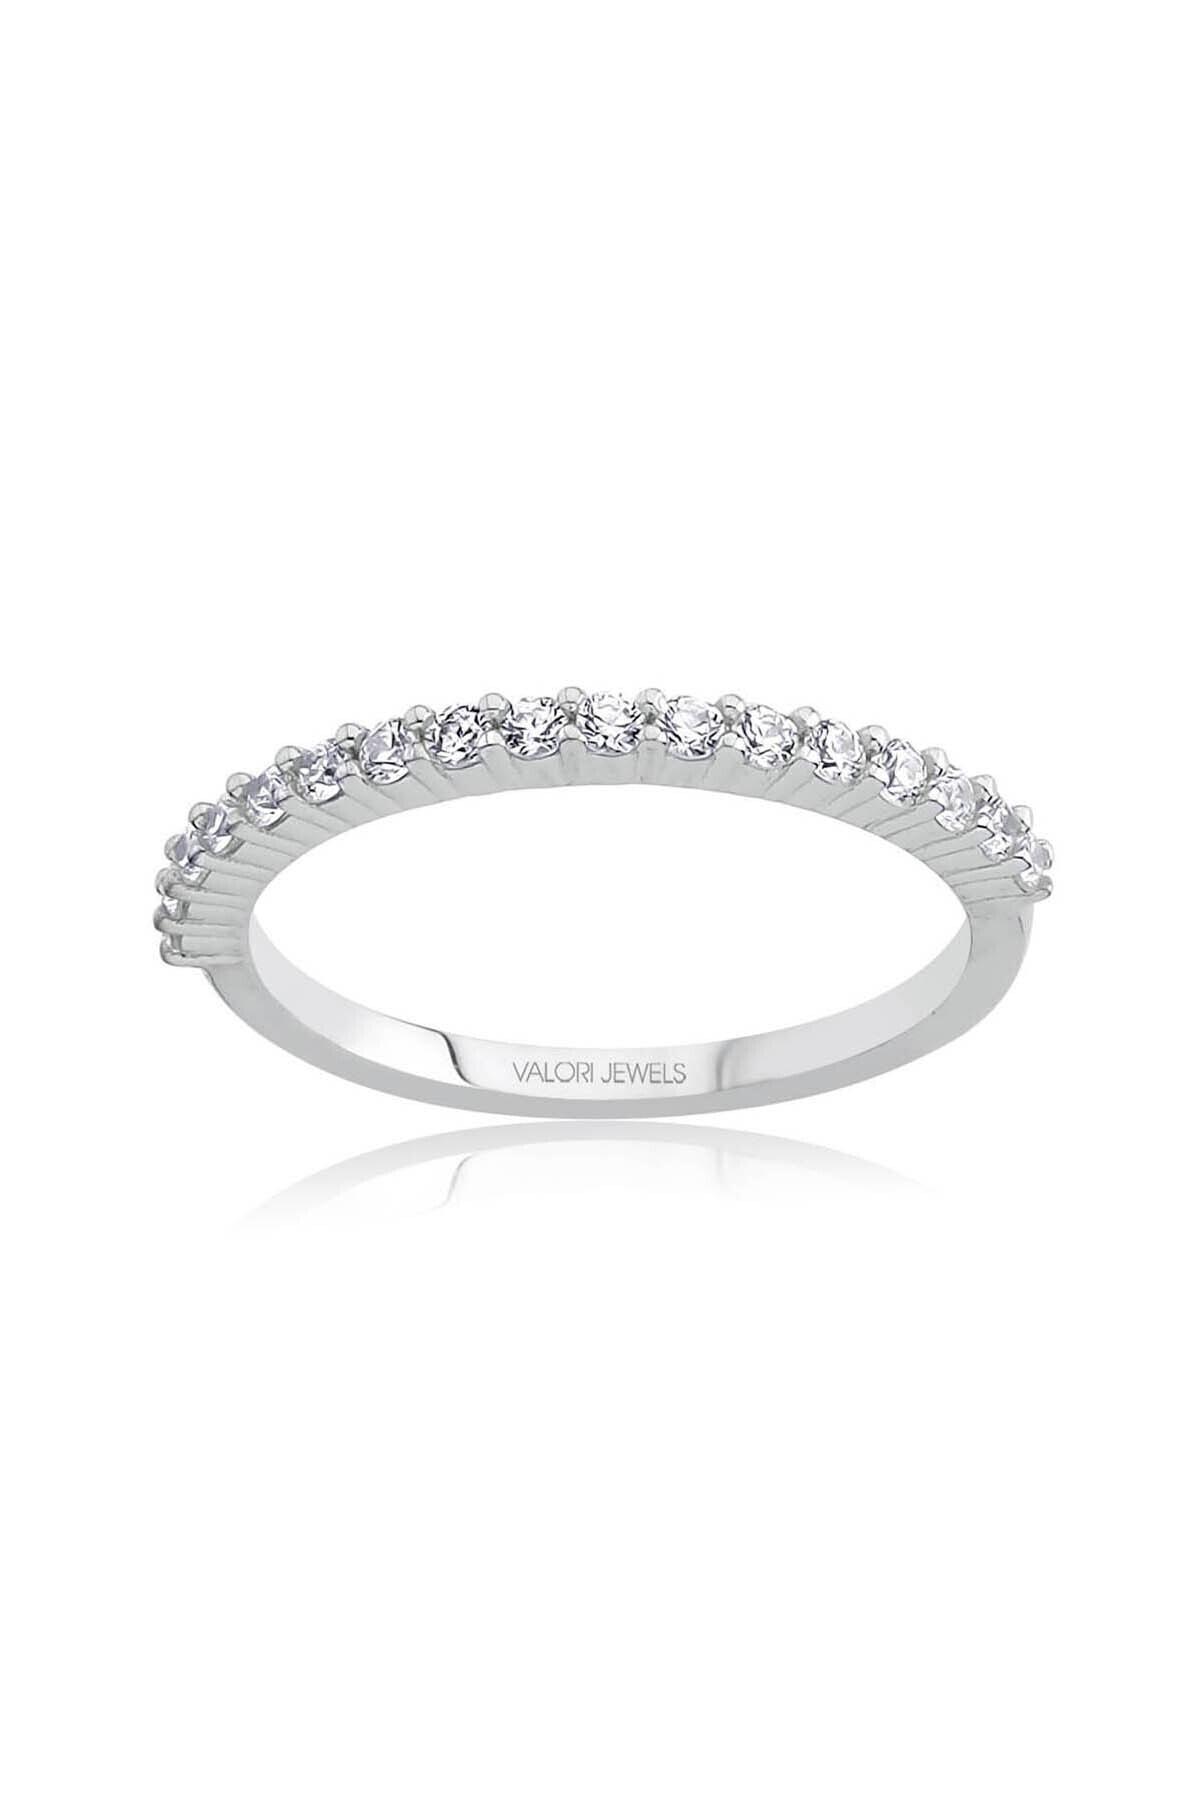 Valori Jewels Yarımtur Zirkon Beyaz Taşlı, Gümüş Yüzük 1